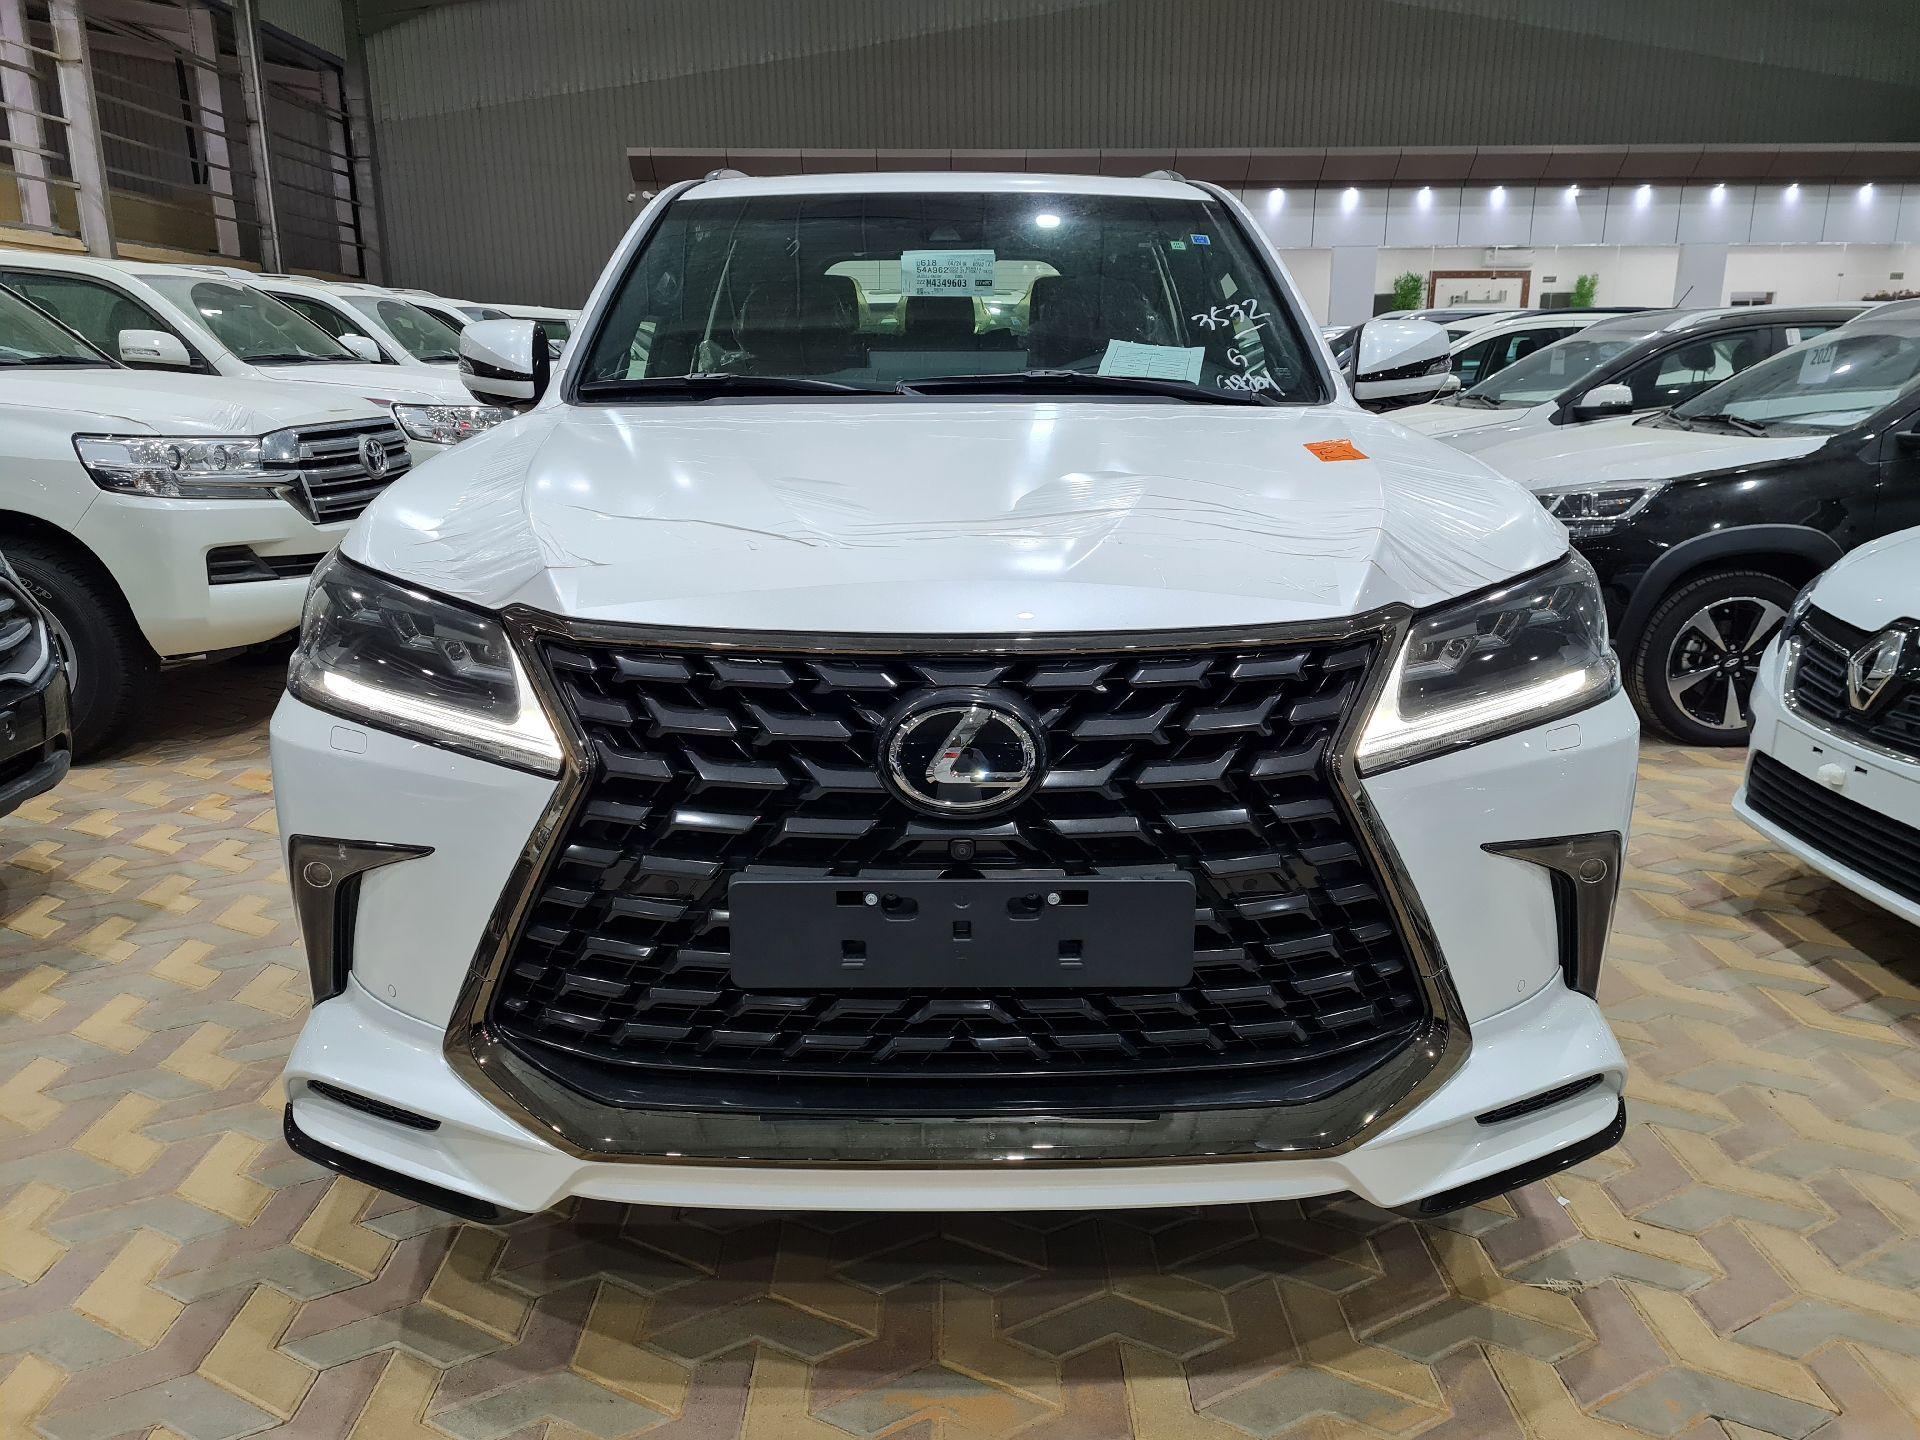 لكزس LX 570 Black Ed. فل  2021 دبل سعودي جديد للبيع في الرياض - السعودية - صورة كبيرة - 4